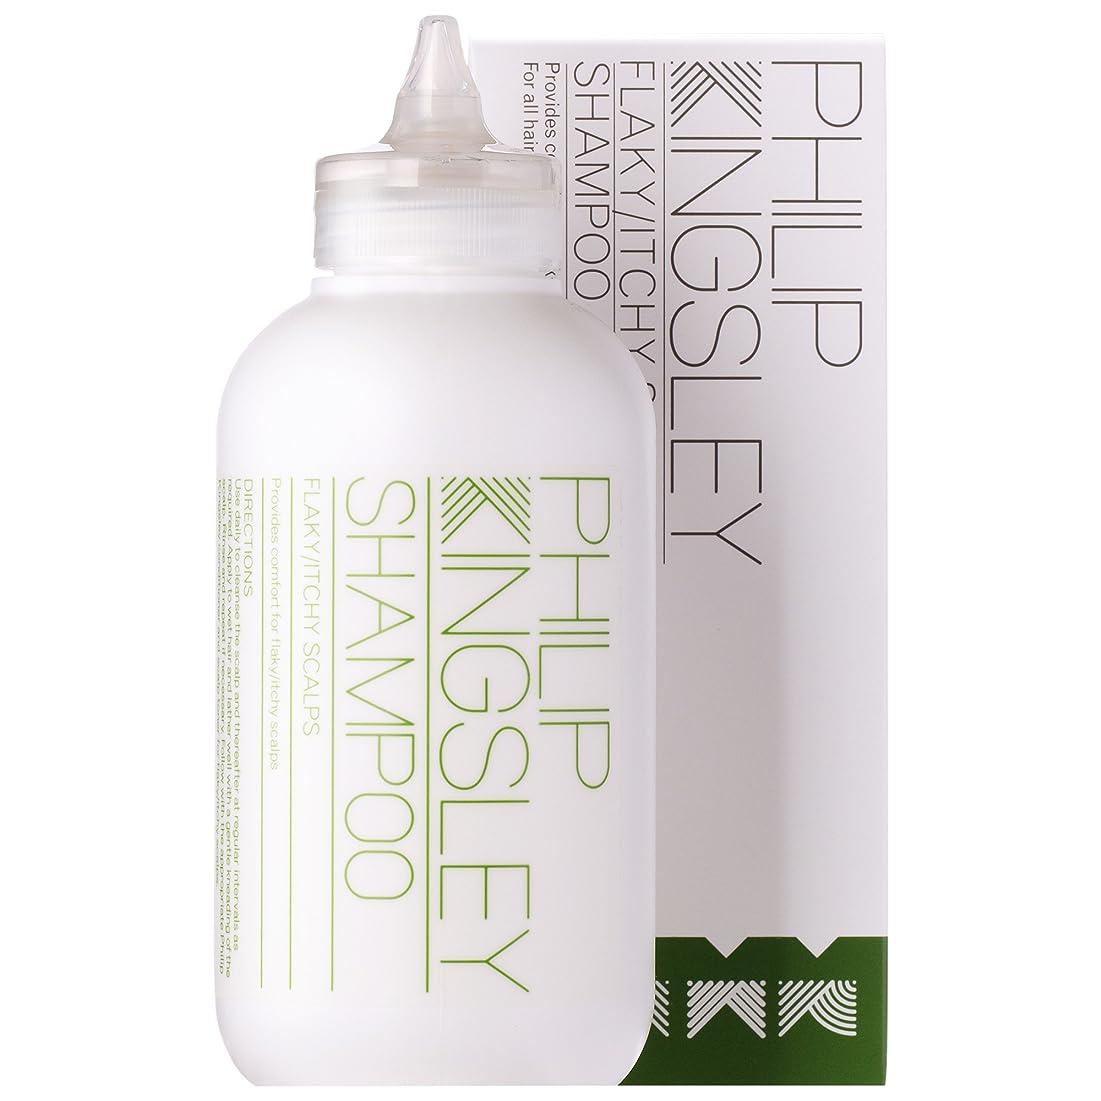 見せます神経障害みがきますフィリップキングスレーフレーク状&かゆみ、頭皮のシャンプー250ミリリットル (Philip Kingsley) (x6) - Philip Kingsley Flaky & Itchy Scalp Shampoo 250ml (Pack of 6) [並行輸入品]